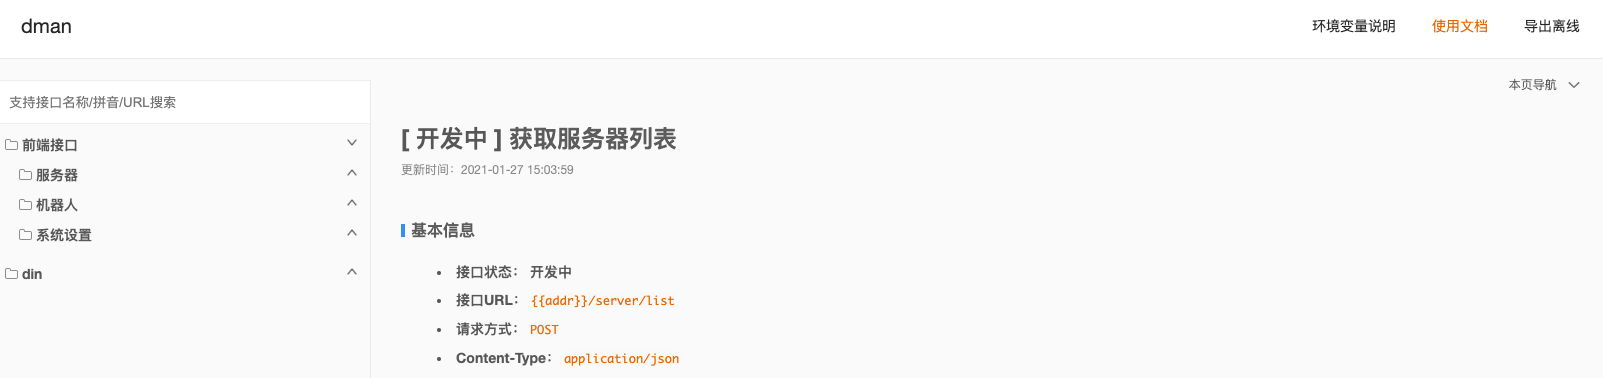 5.0项目分享-网页上没有任何接口